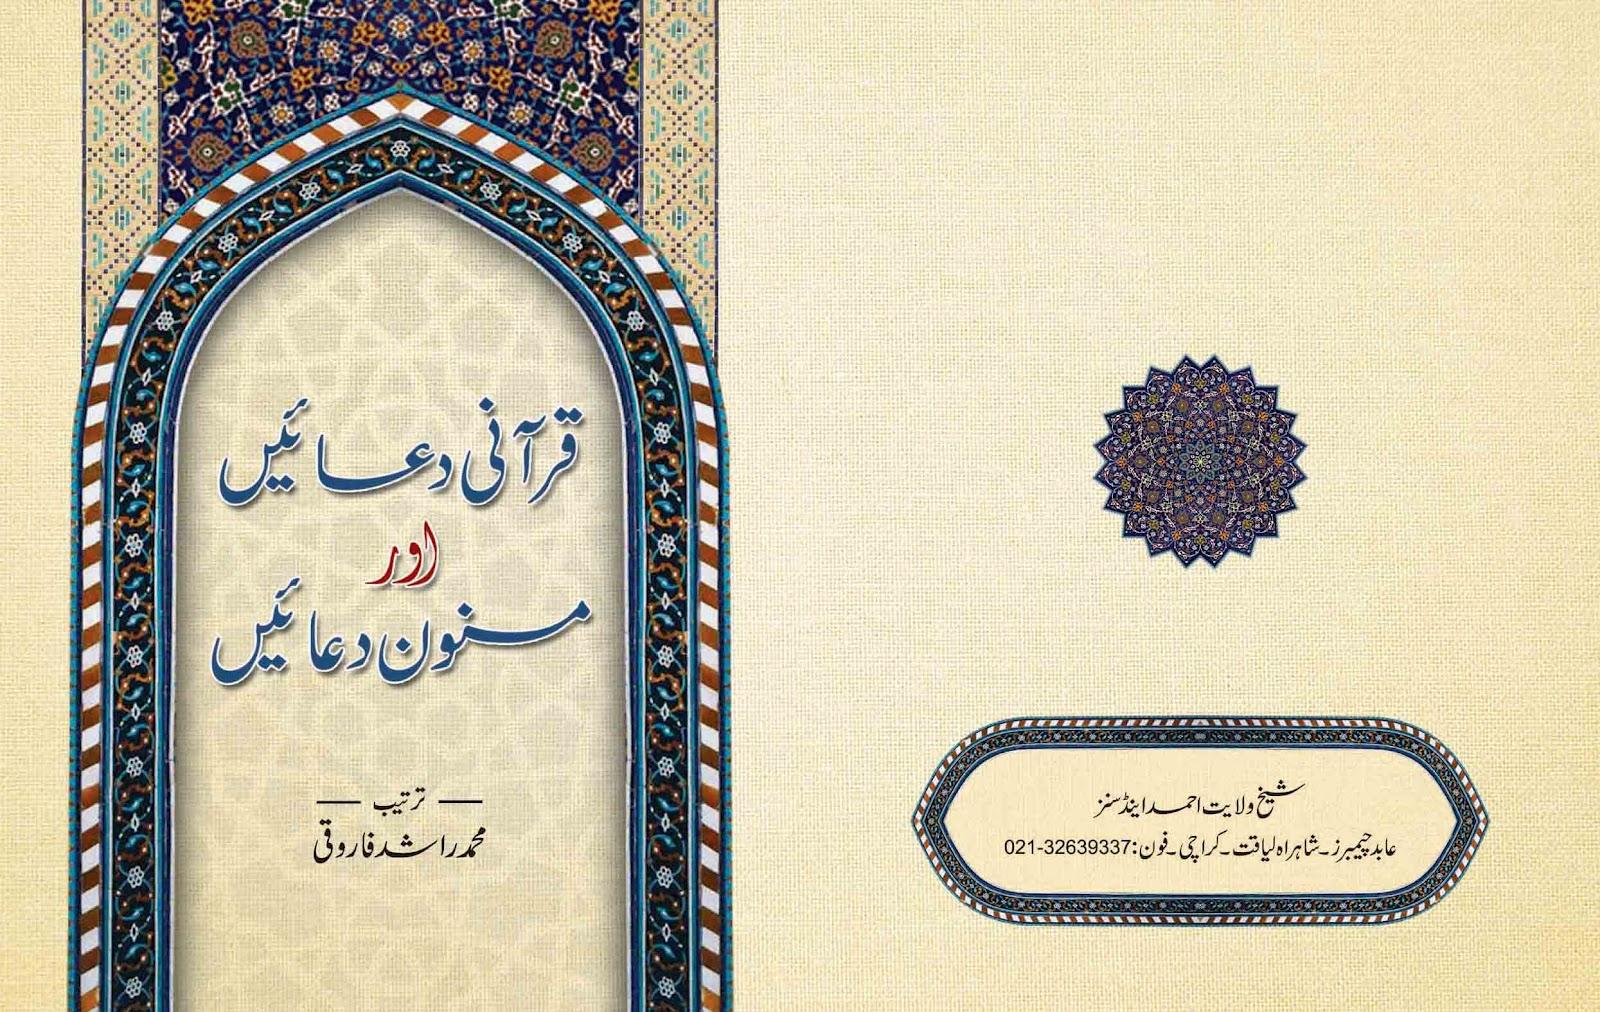 Quran Book Cover Template : Uk hot celeberties islamic book images